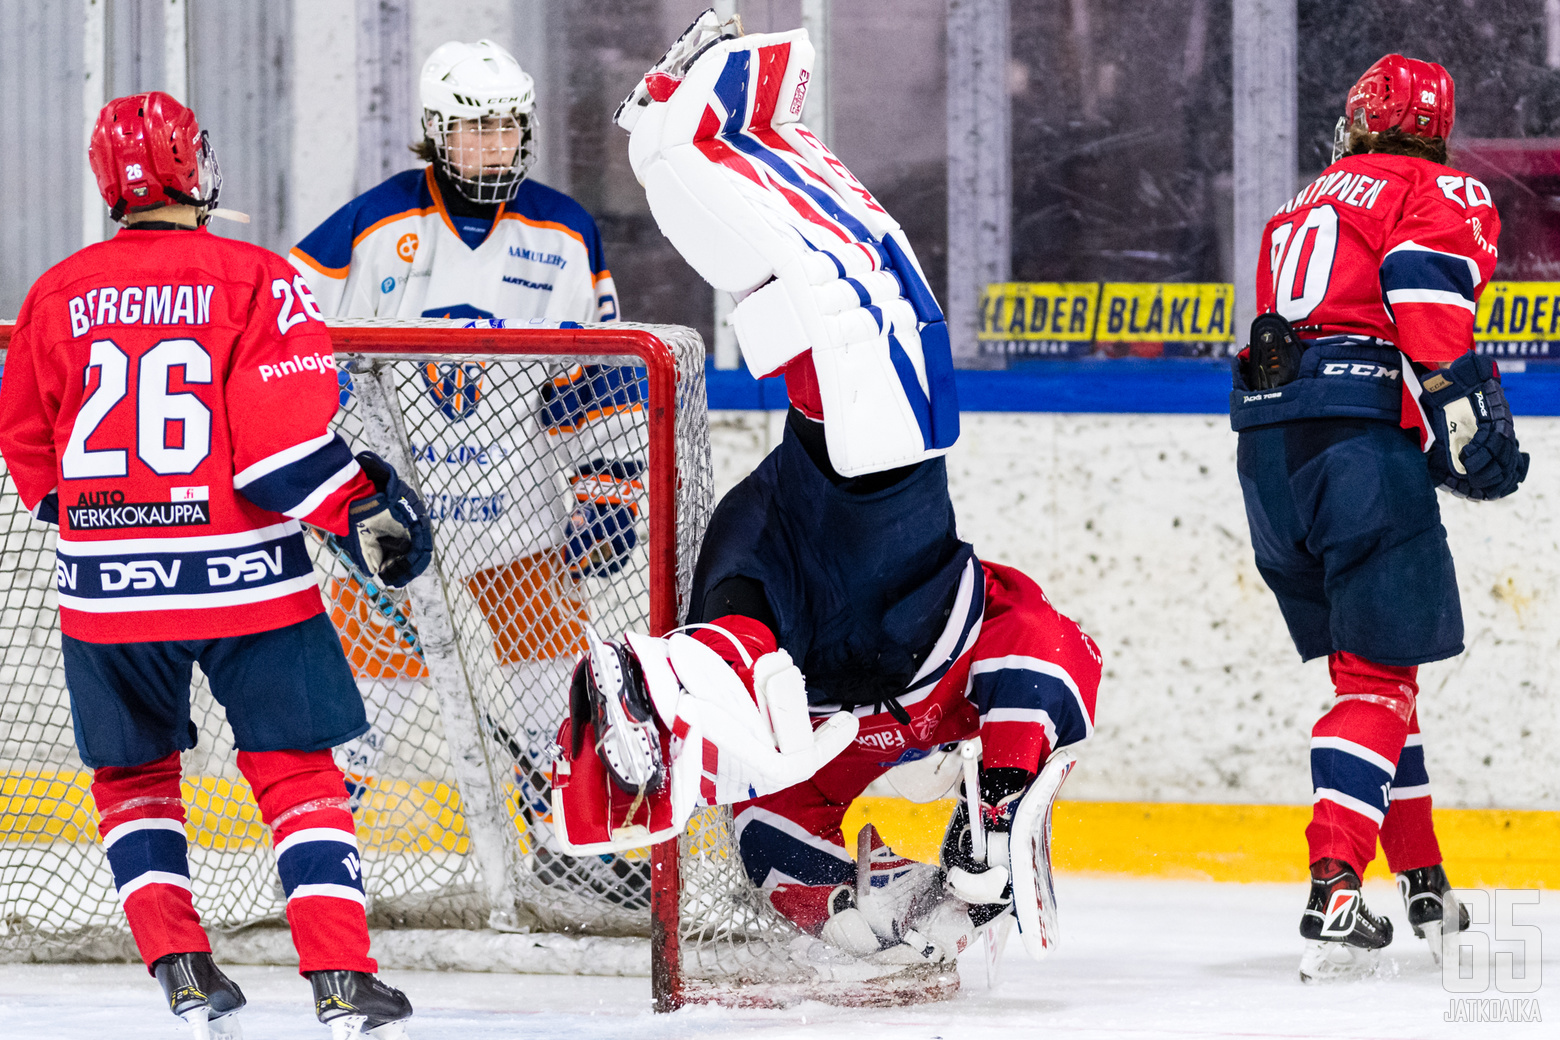 HIFK B:n Jani Lampinen (34) B-nuorten SM-alkusarjan ottelussa HIFK - Tappara, Elisa Areenalla, 16. marraskuuta 2019.